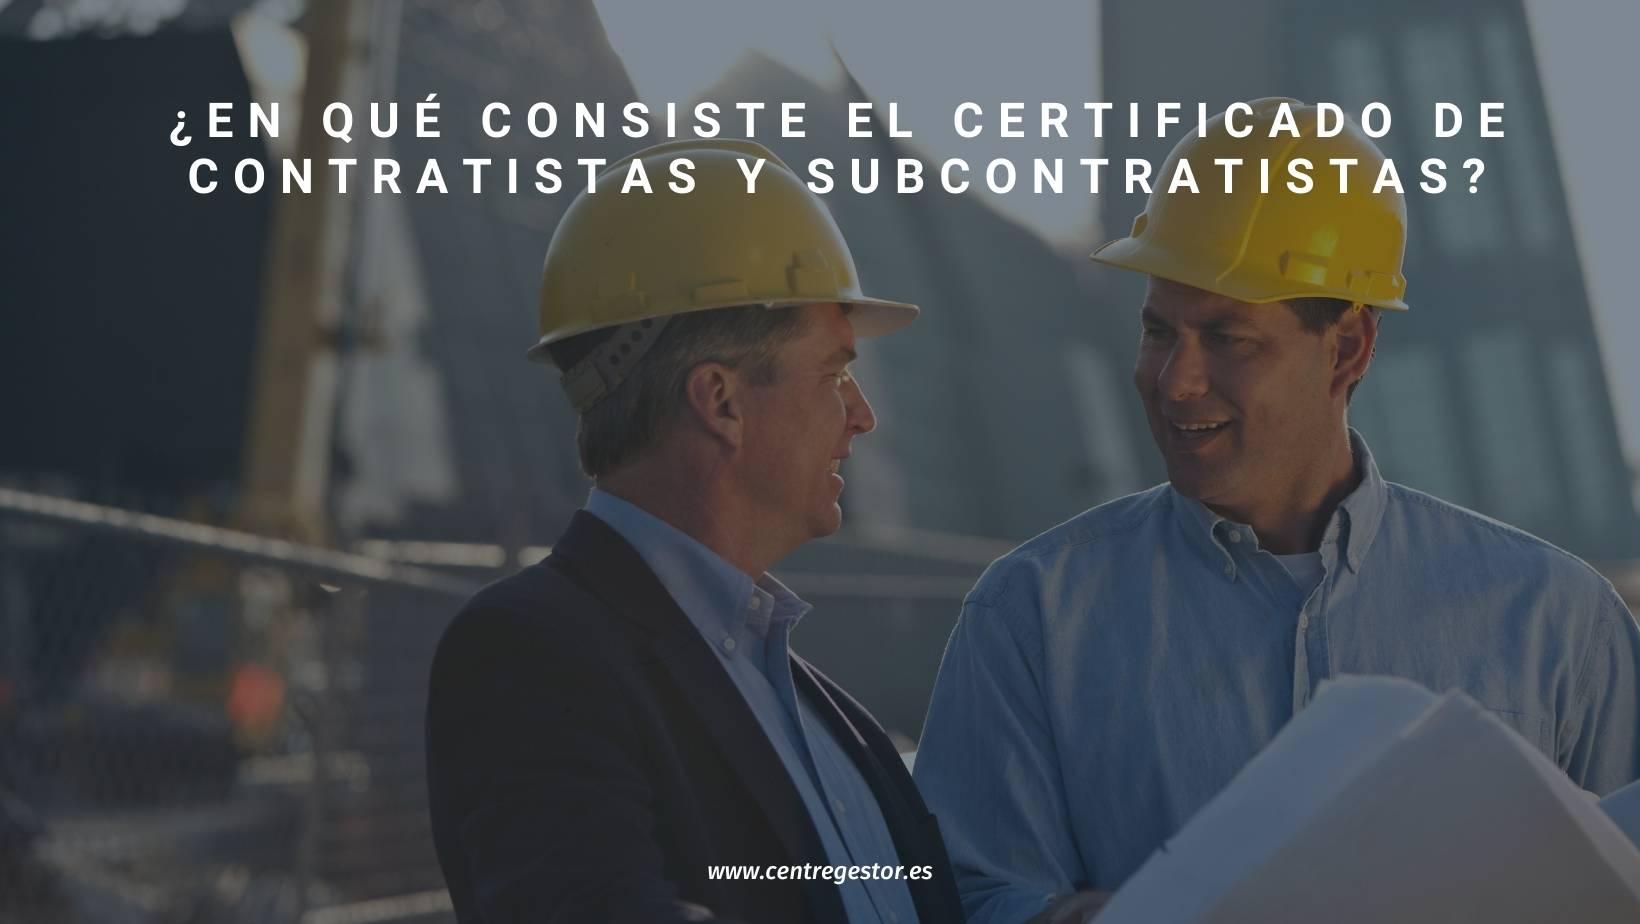 certificado de contratistas y subcontratistas - Centre Gestor